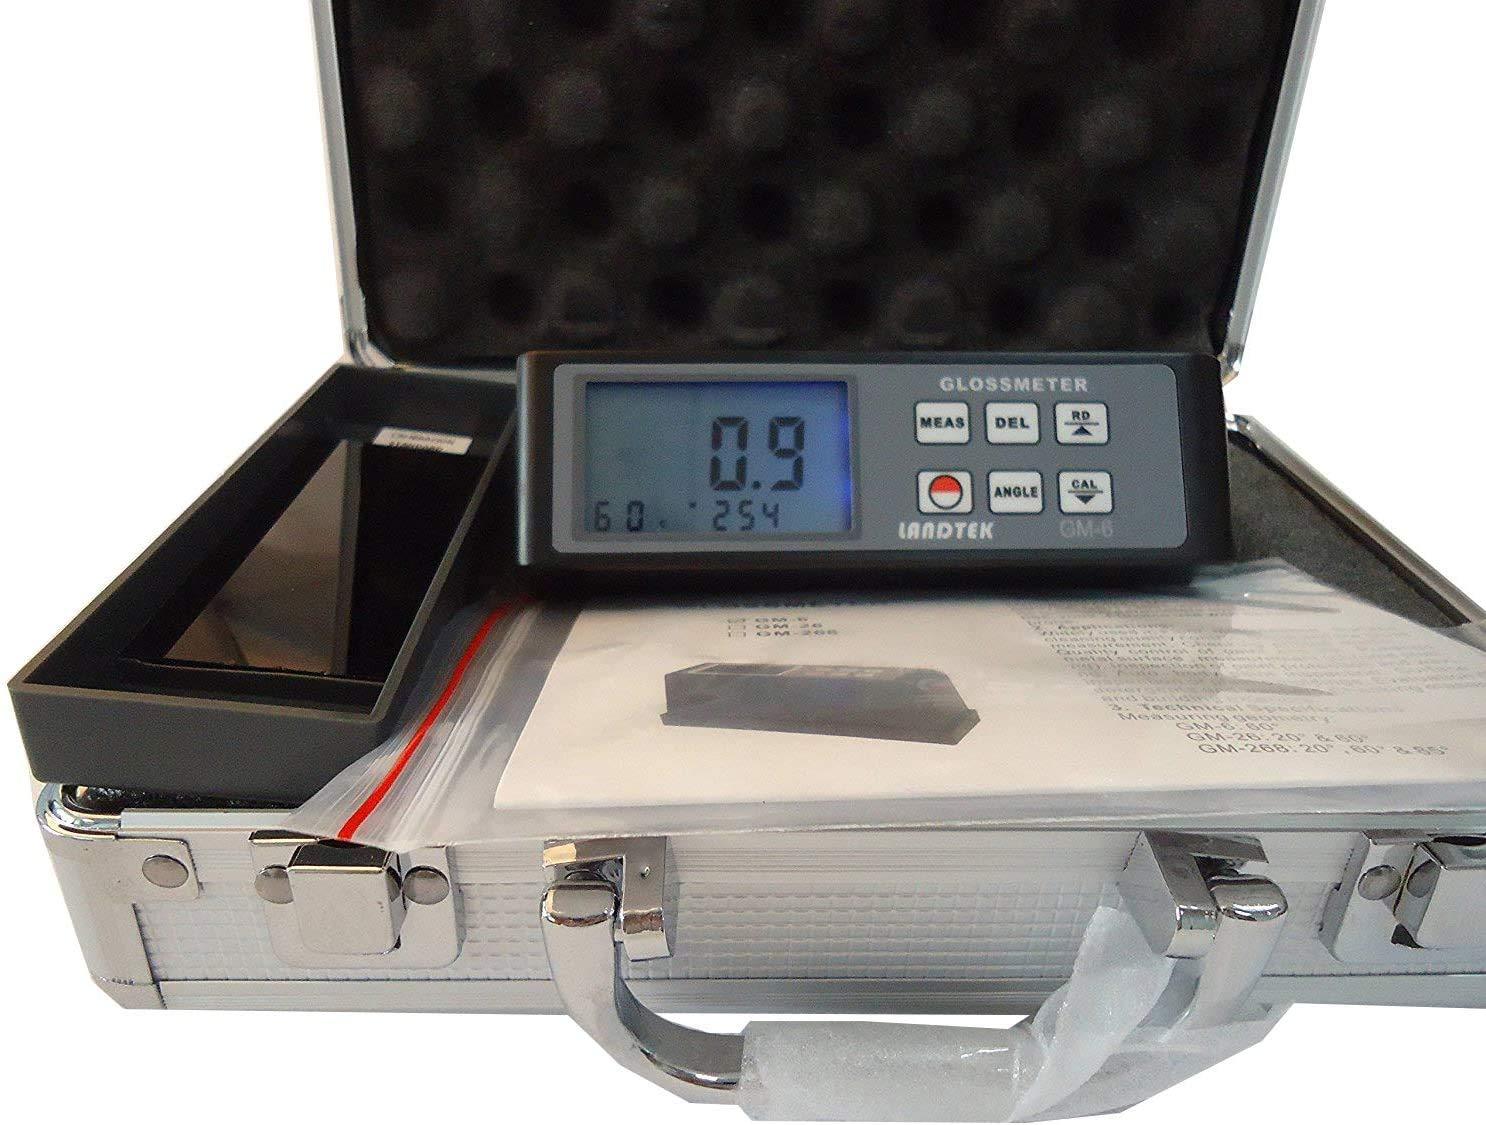 سطح الطلاء البلاستيك ورقة Vancometer اختبار 60 درجة واحدة الملاك Glossmeter مع GM6 المدى 0.1-200Gu لمعان قياس قياس